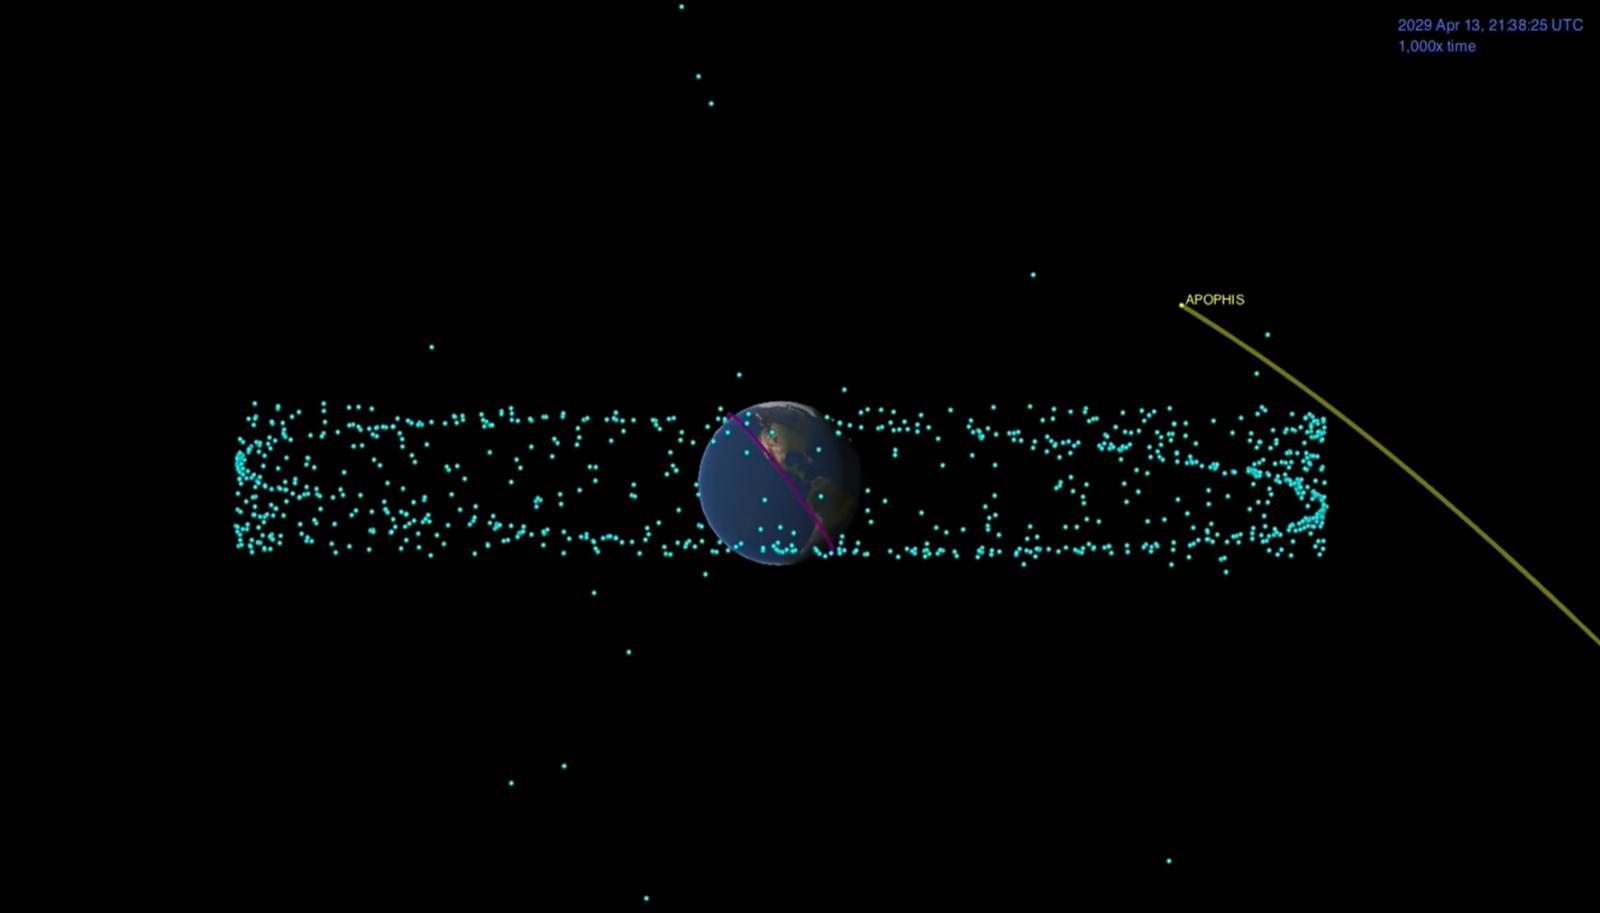 """รอดแล้ว!  นาซา ยันดาวเคราะห์น้อย """"อะโพฟิส"""" ไม่พุ่งชนโลก อีก 100 ปี"""